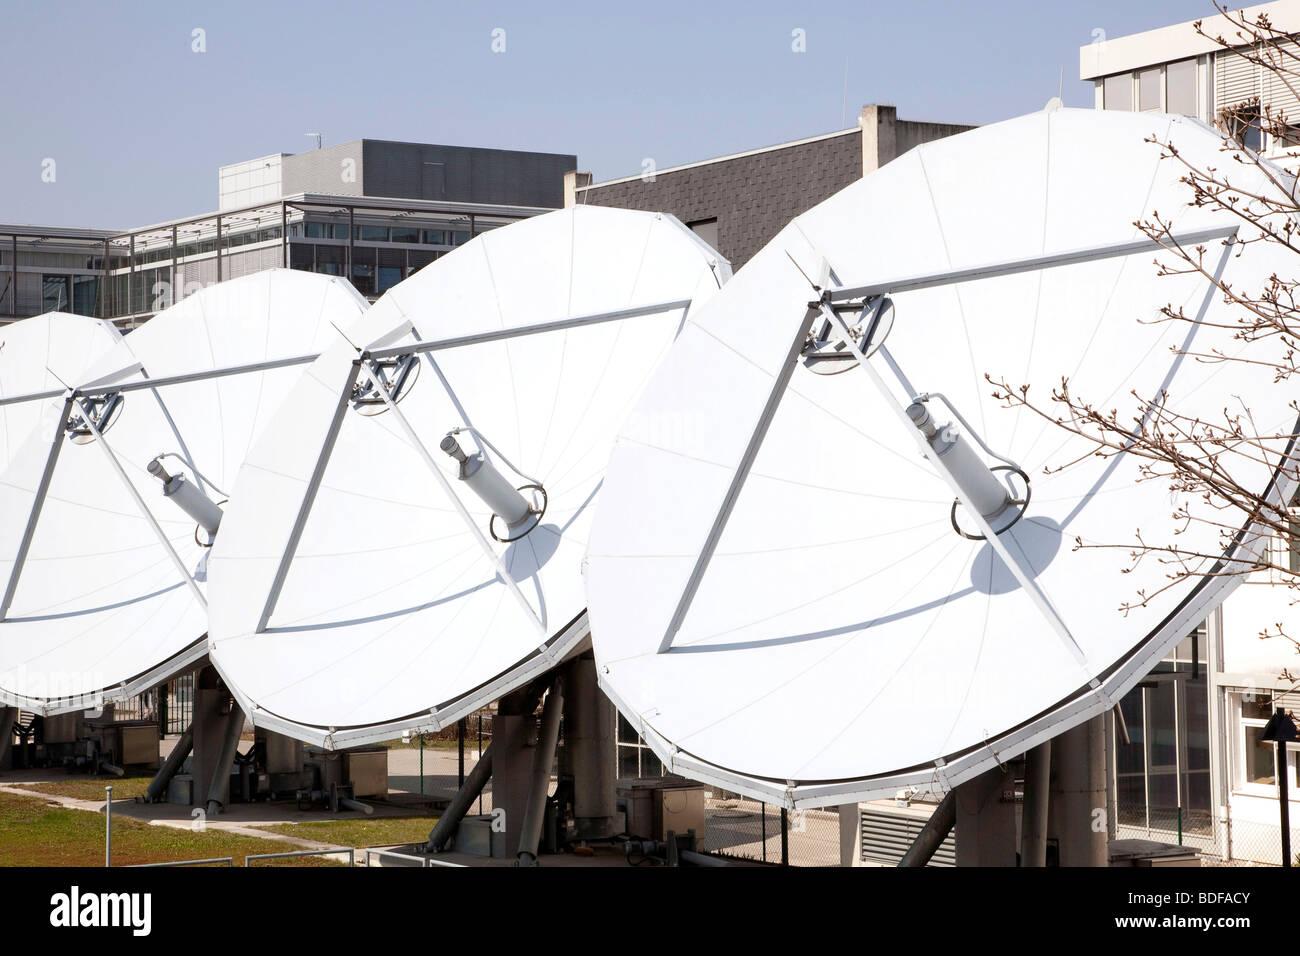 Kabel Deutschland company, parabole satellitari in Unterfoehring vicino a Monaco di Baviera, Germania, Europa Immagini Stock